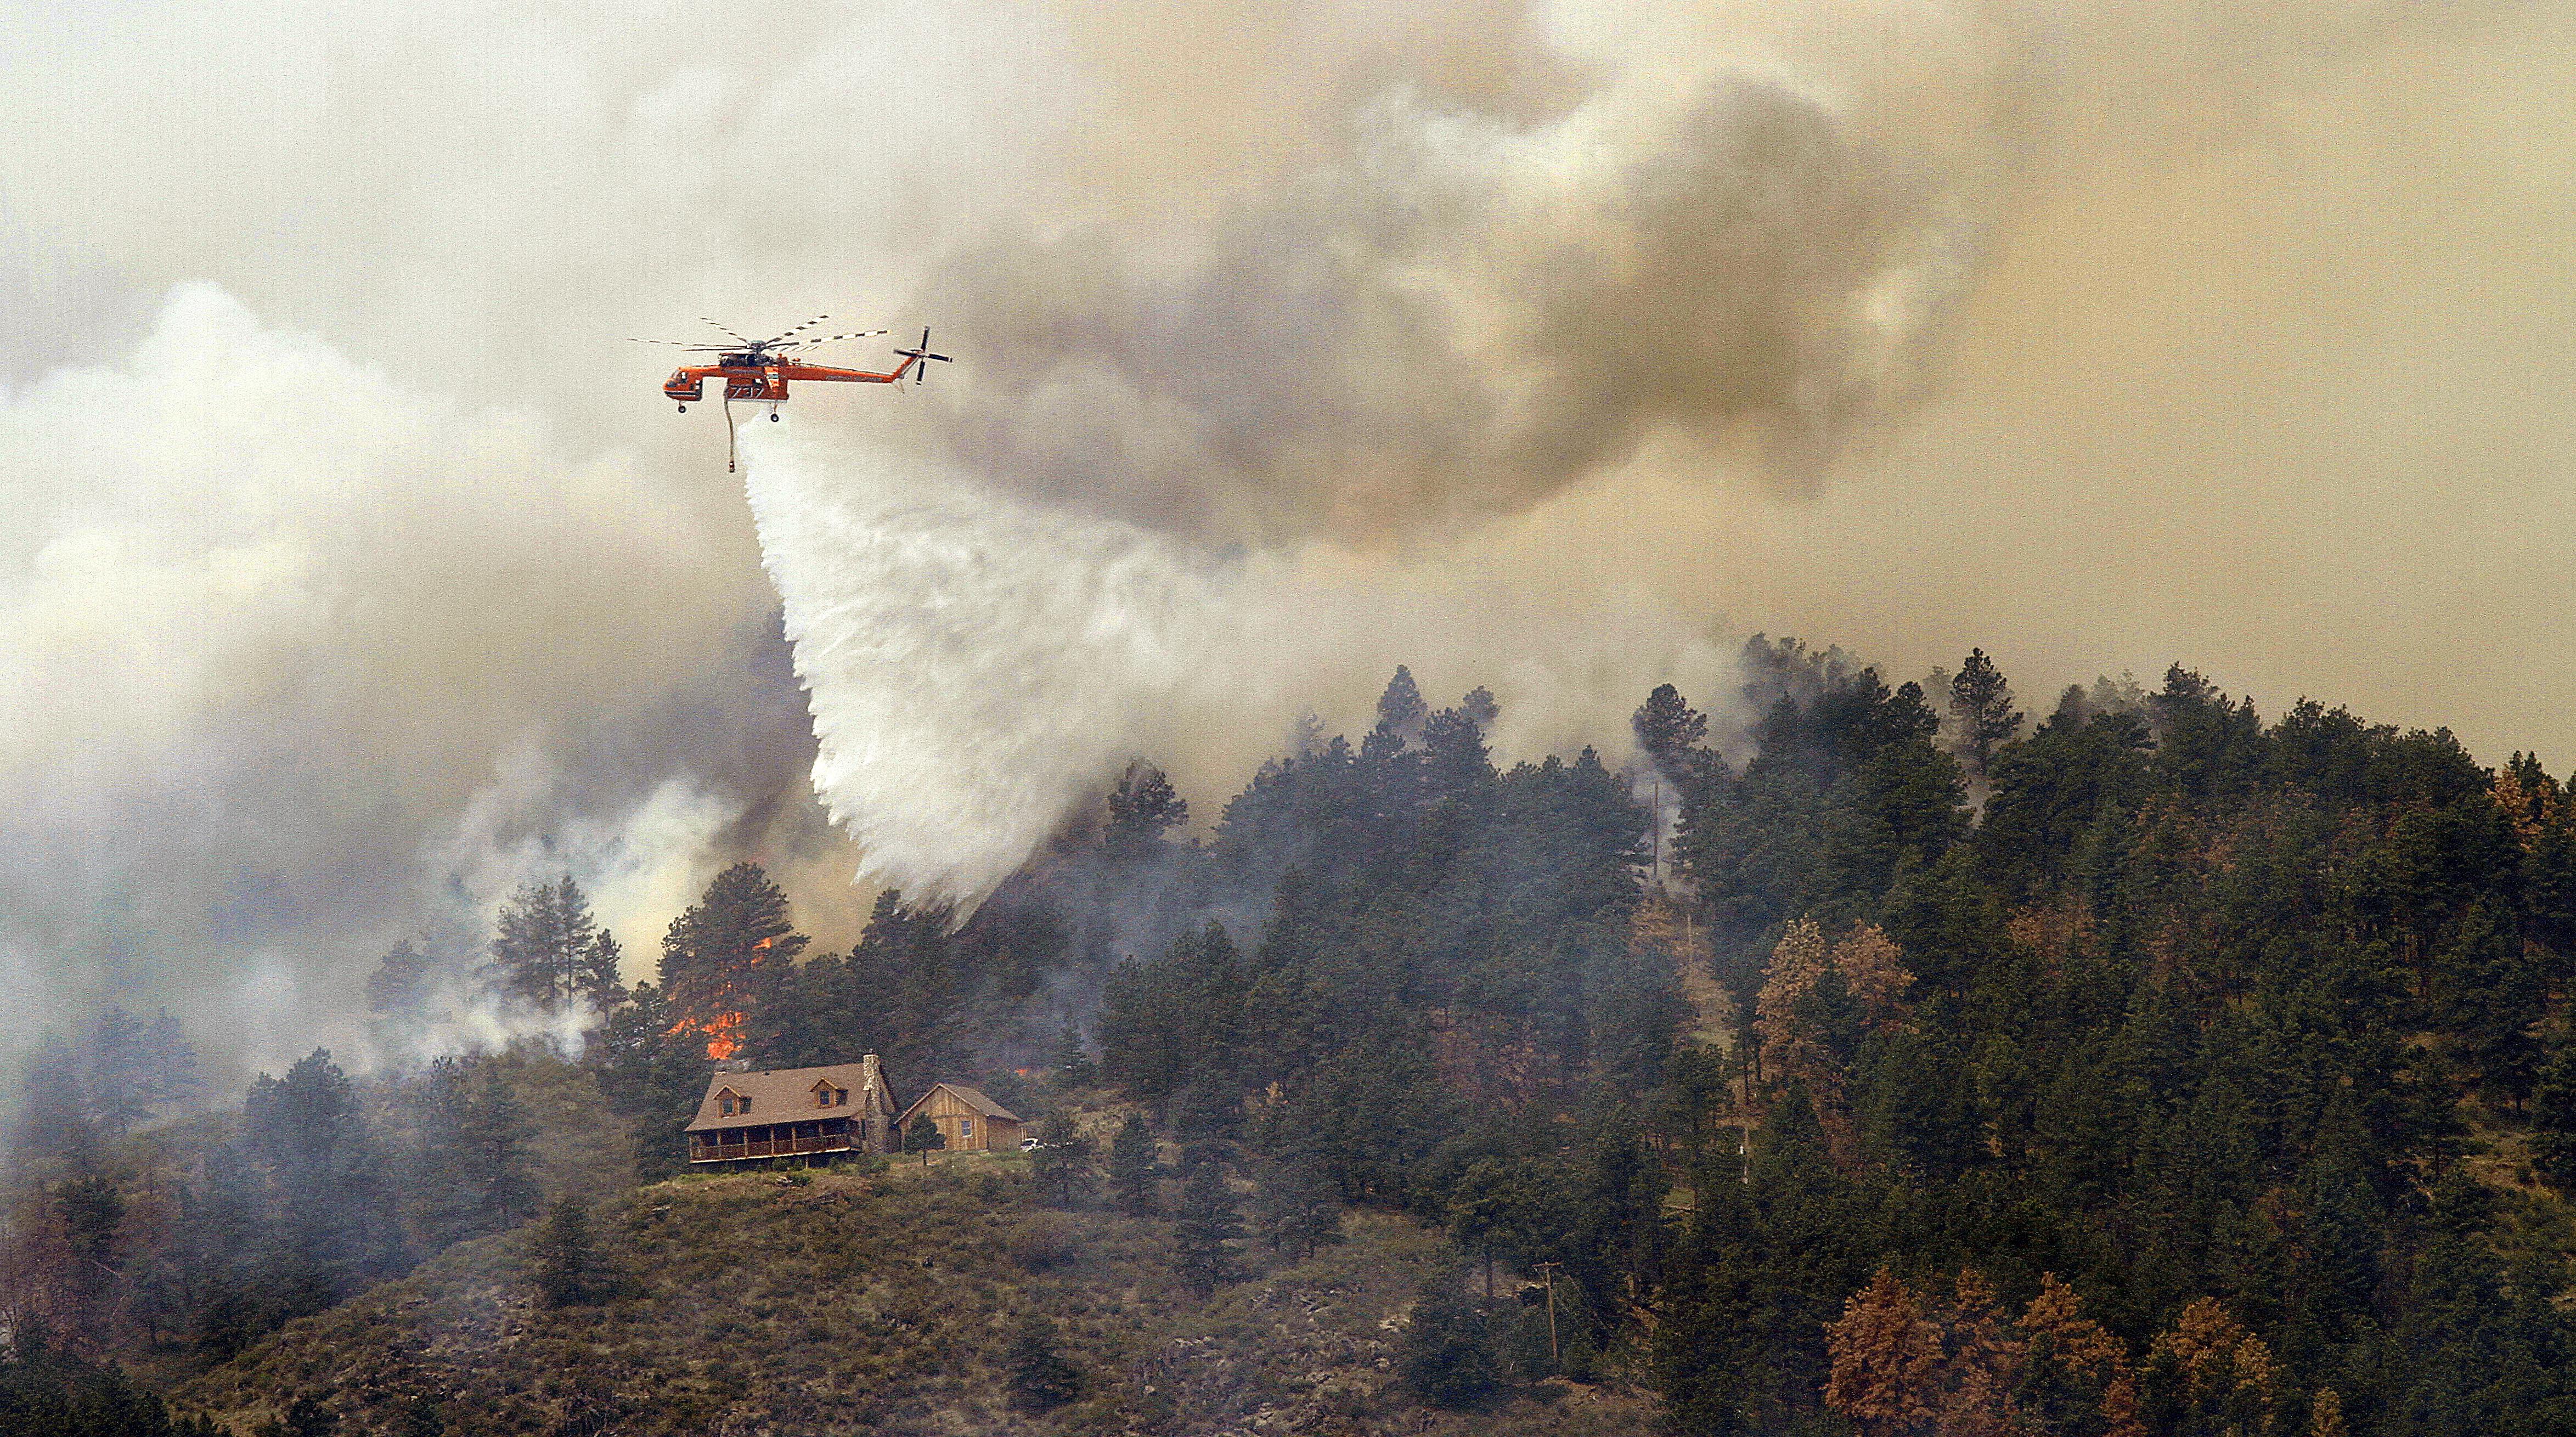 146179469 - В Колорадо лесной пожар перекинулся на жилые дома